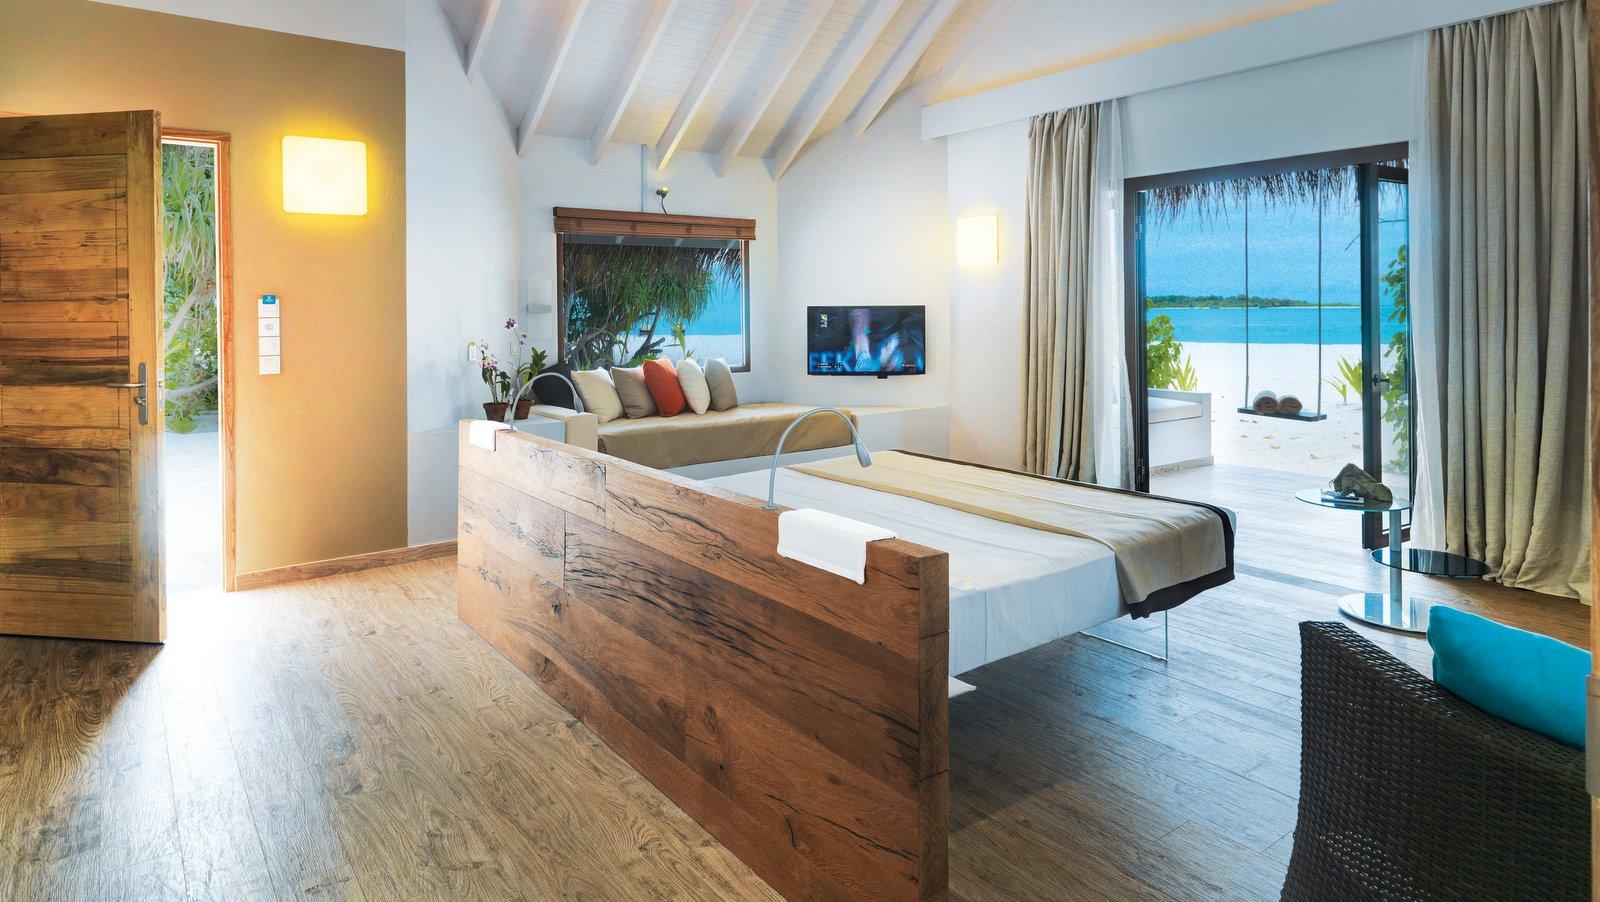 Мальдивы, отель Cocoon Maldives, номер Beach Suite